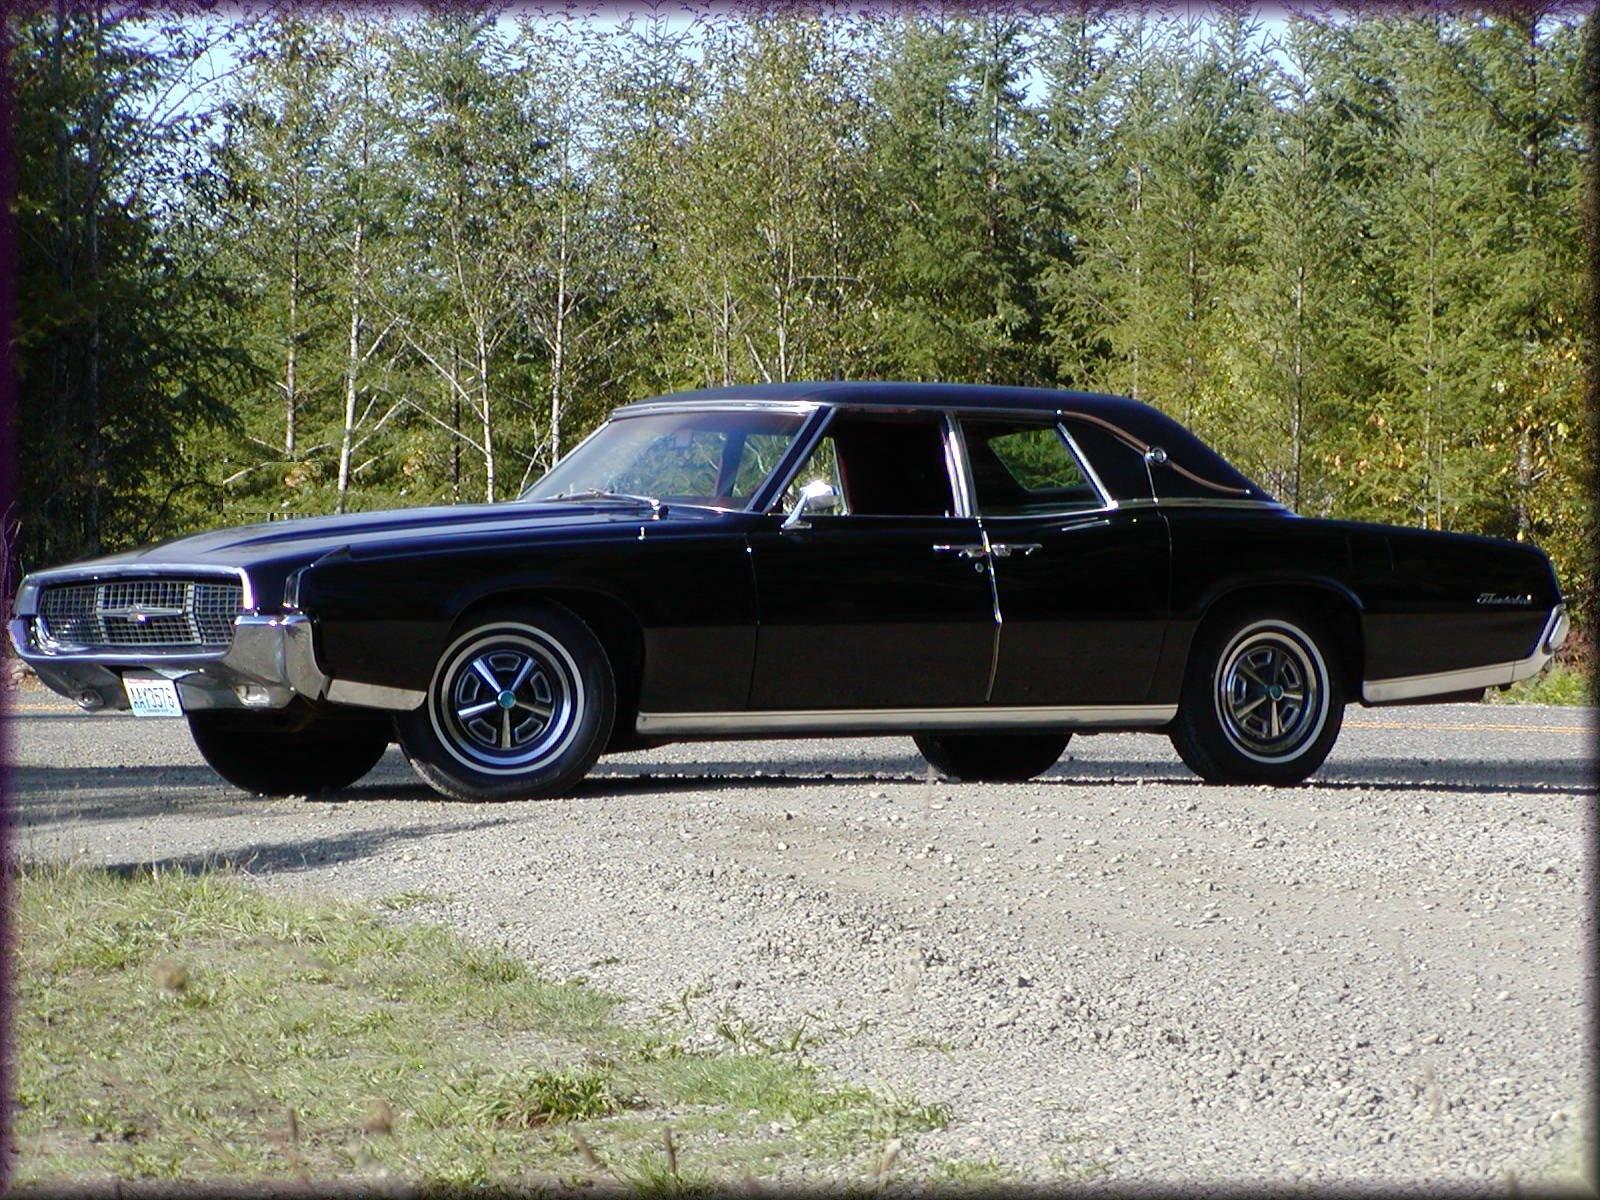 1967 Ford Thunderbird - Exterior Pictures - CarGurus